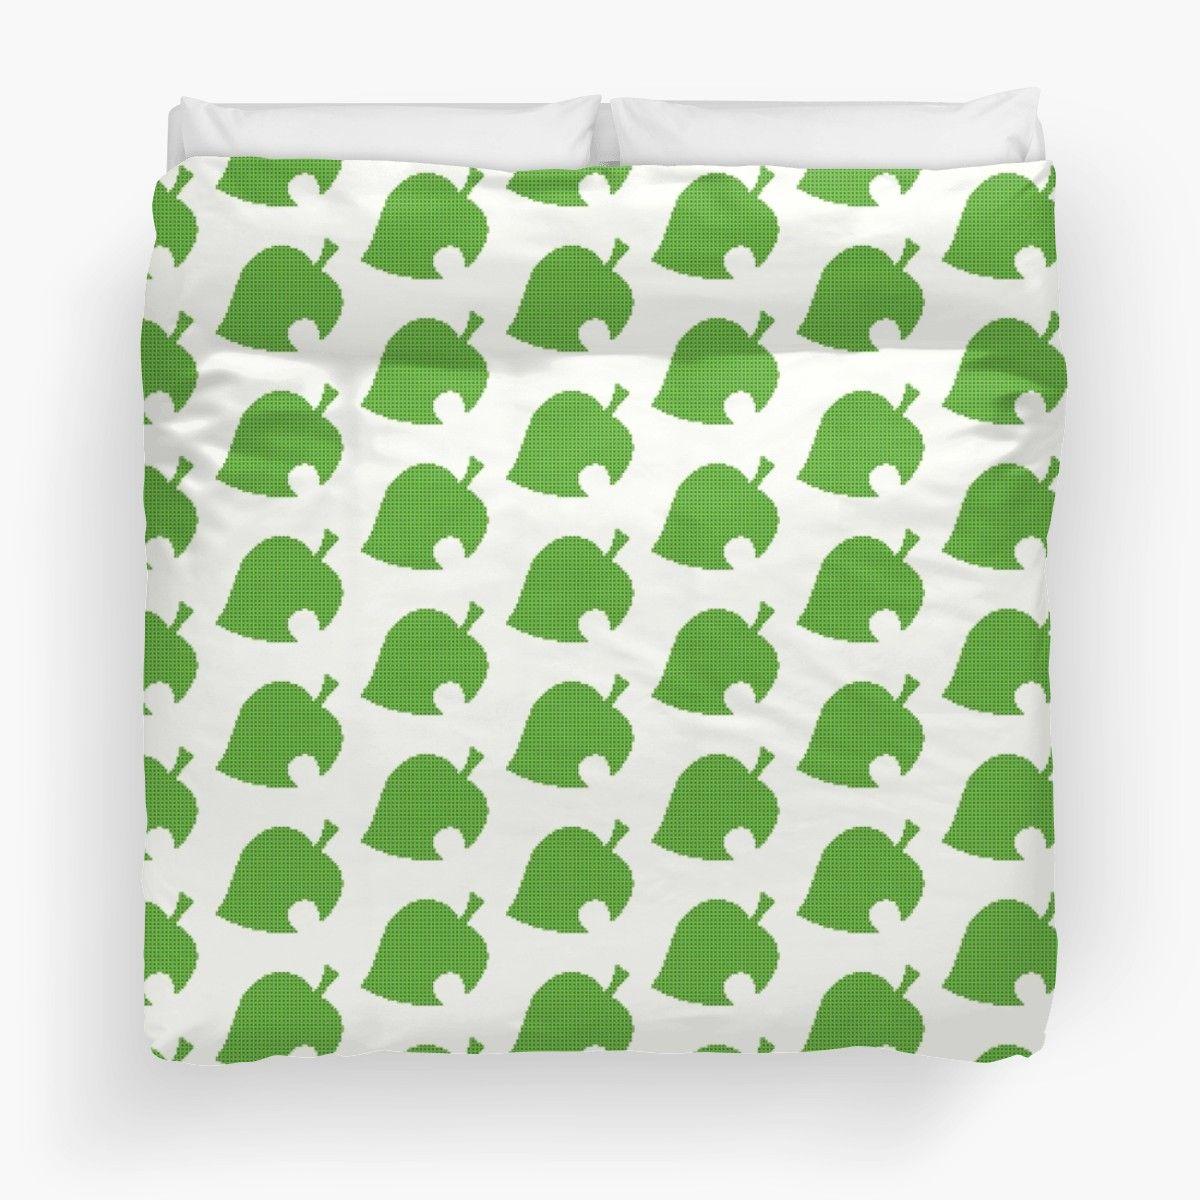 Animal Crossing Cross Stitch Leaf Animal Crossing Logo